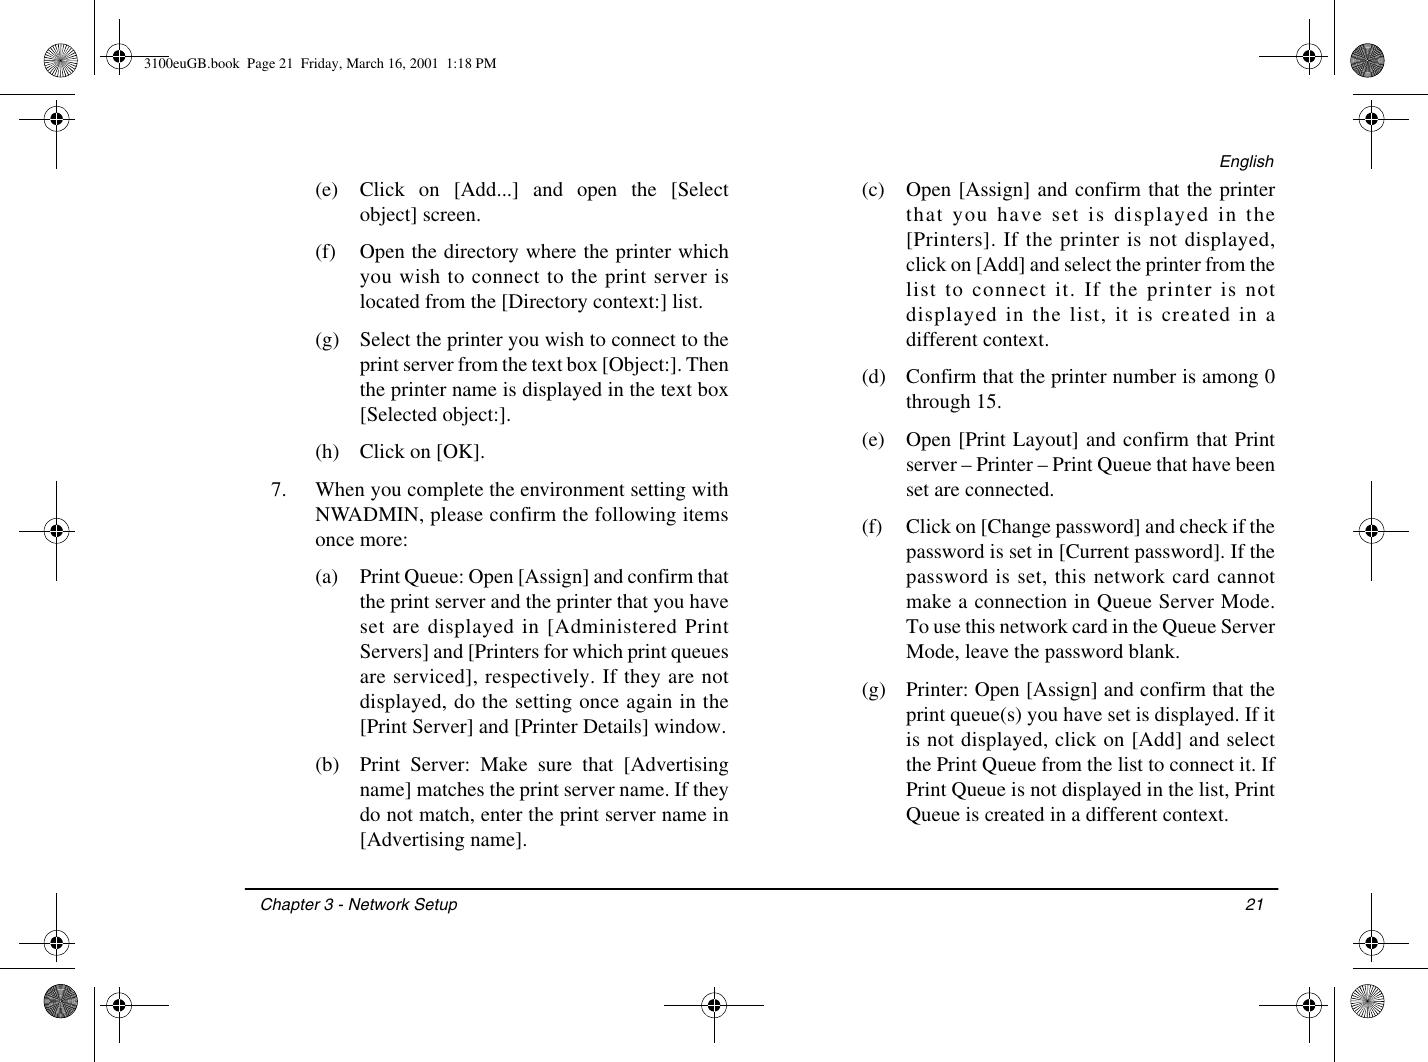 Oki Lan 3100E Users Manual